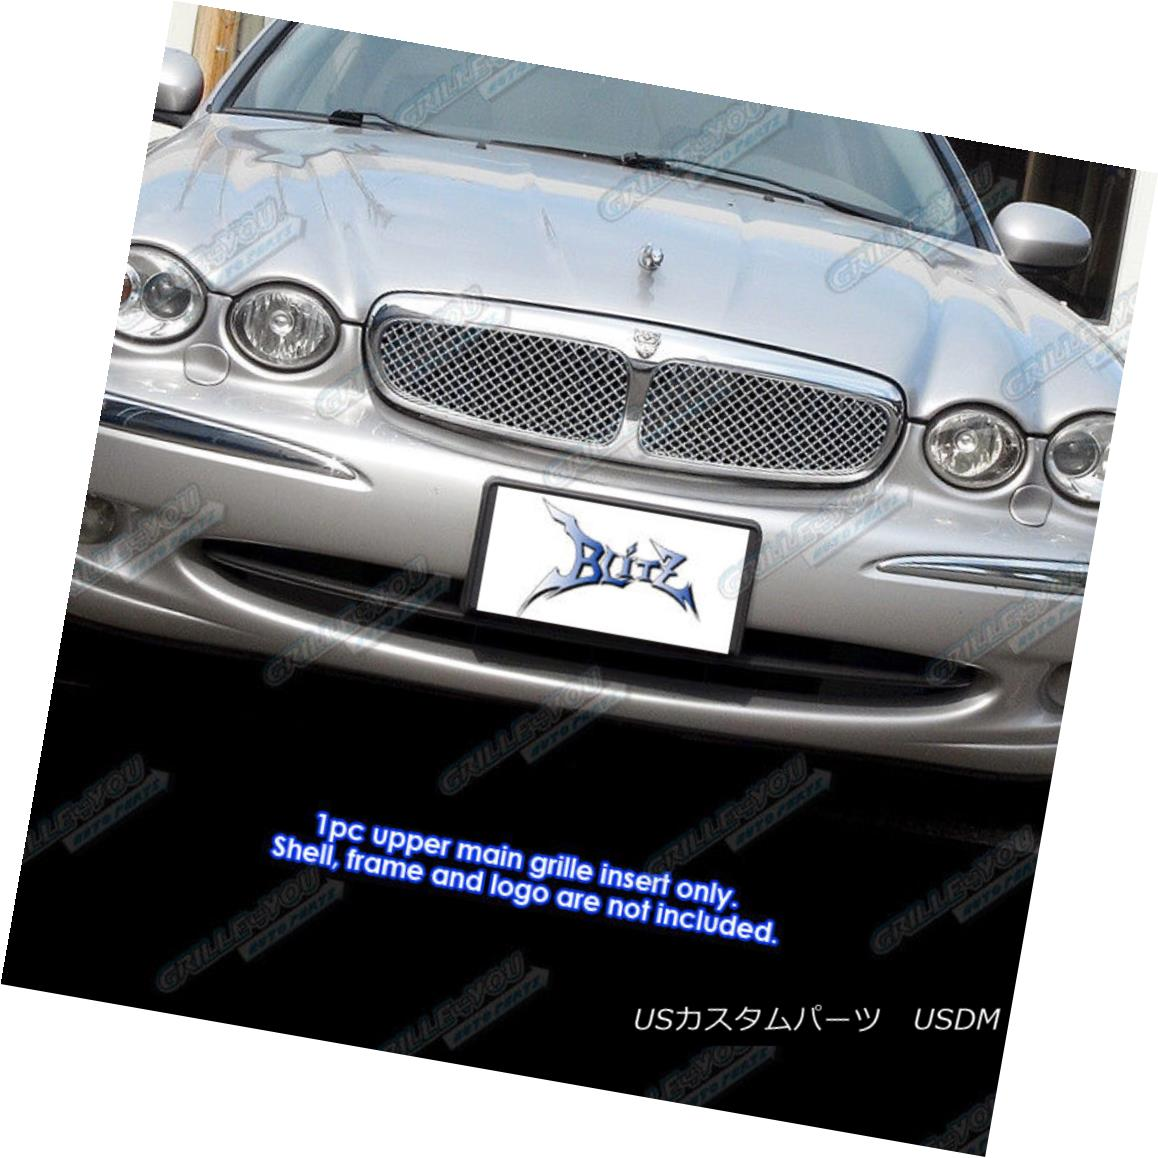 グリル For 02-2006 Jaguar X-Type Stainless Steel Double Wire X Mesh Blitz Grille Grill 02-2006ジャガーX型ステンレススチールダブルワイヤーXメッシュブリッツグリルグリル